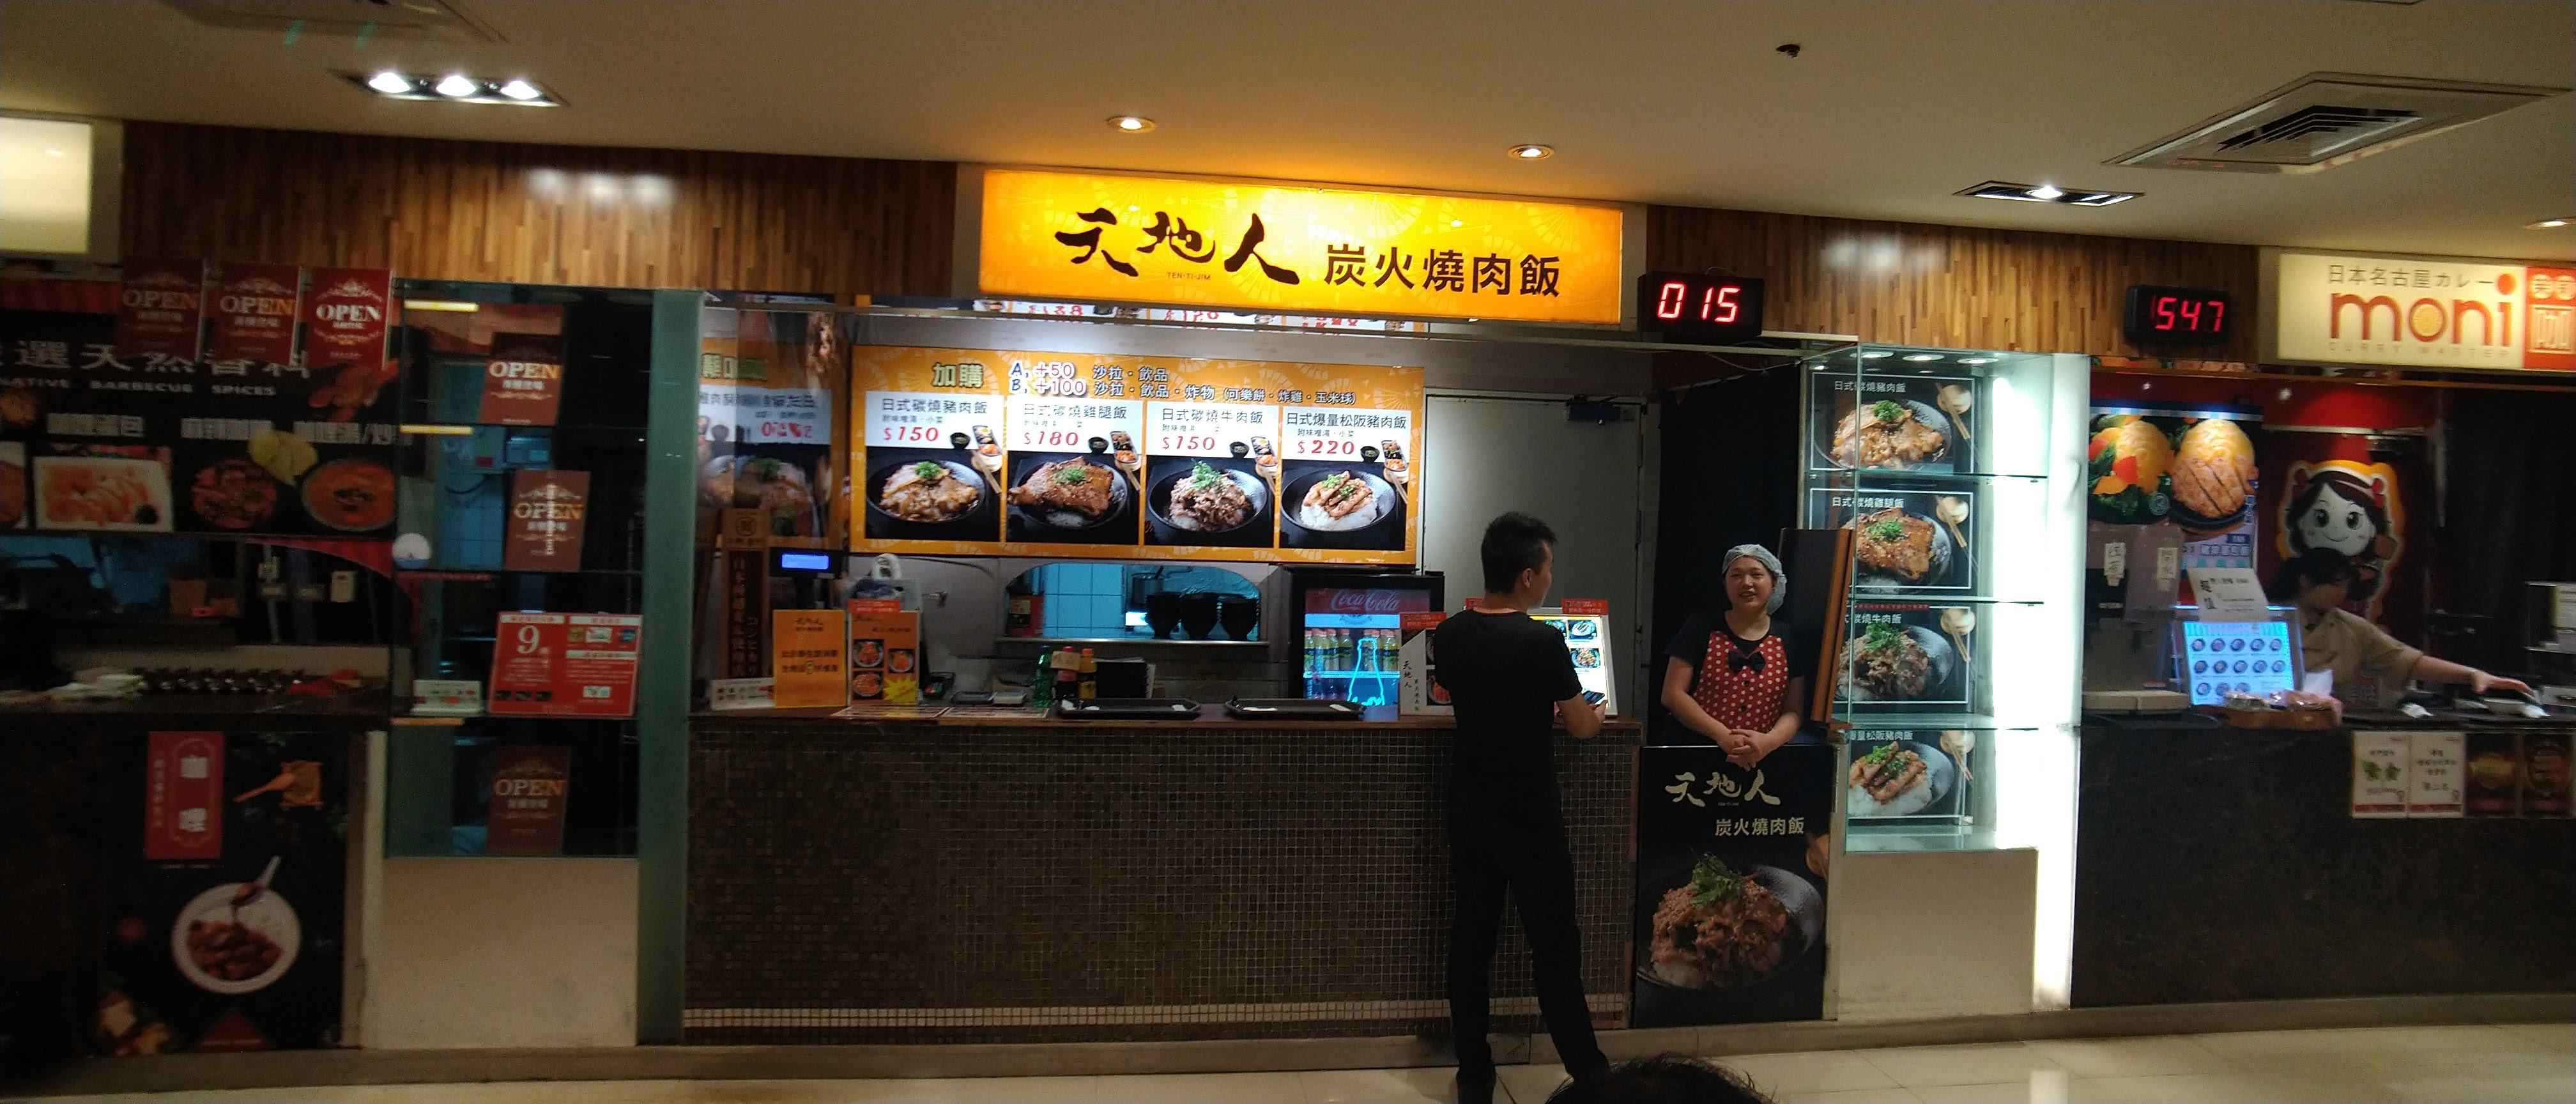 [食在臺北] 太興茶餐廳 (臺北車站二樓微風) | 香港。臺北。上海